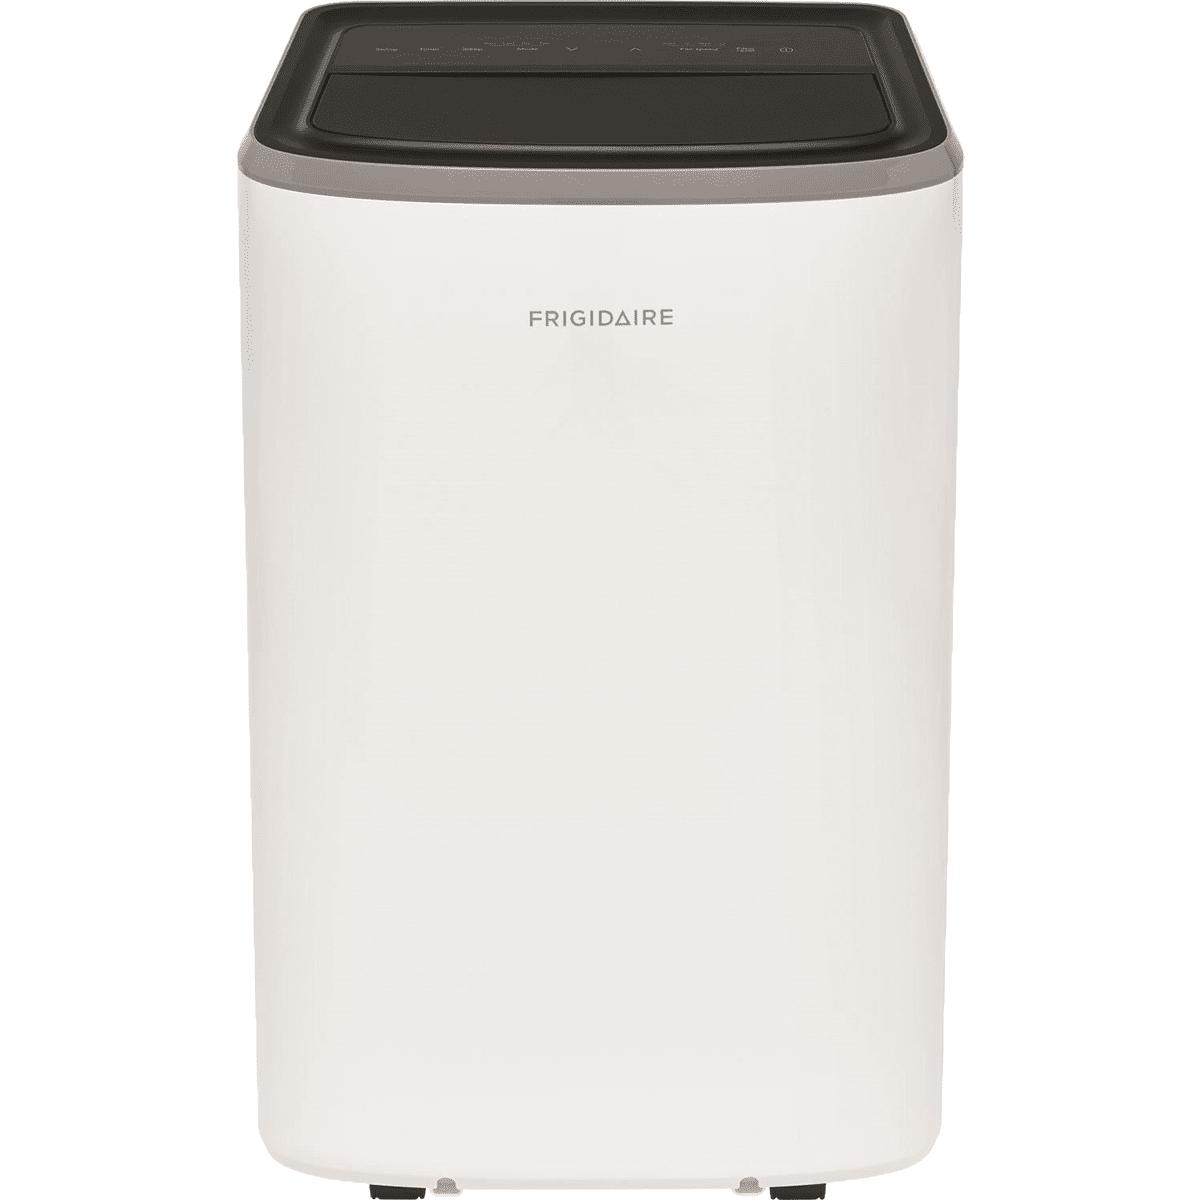 Frigidaire 10,000 BTU Portable Air Conditioner